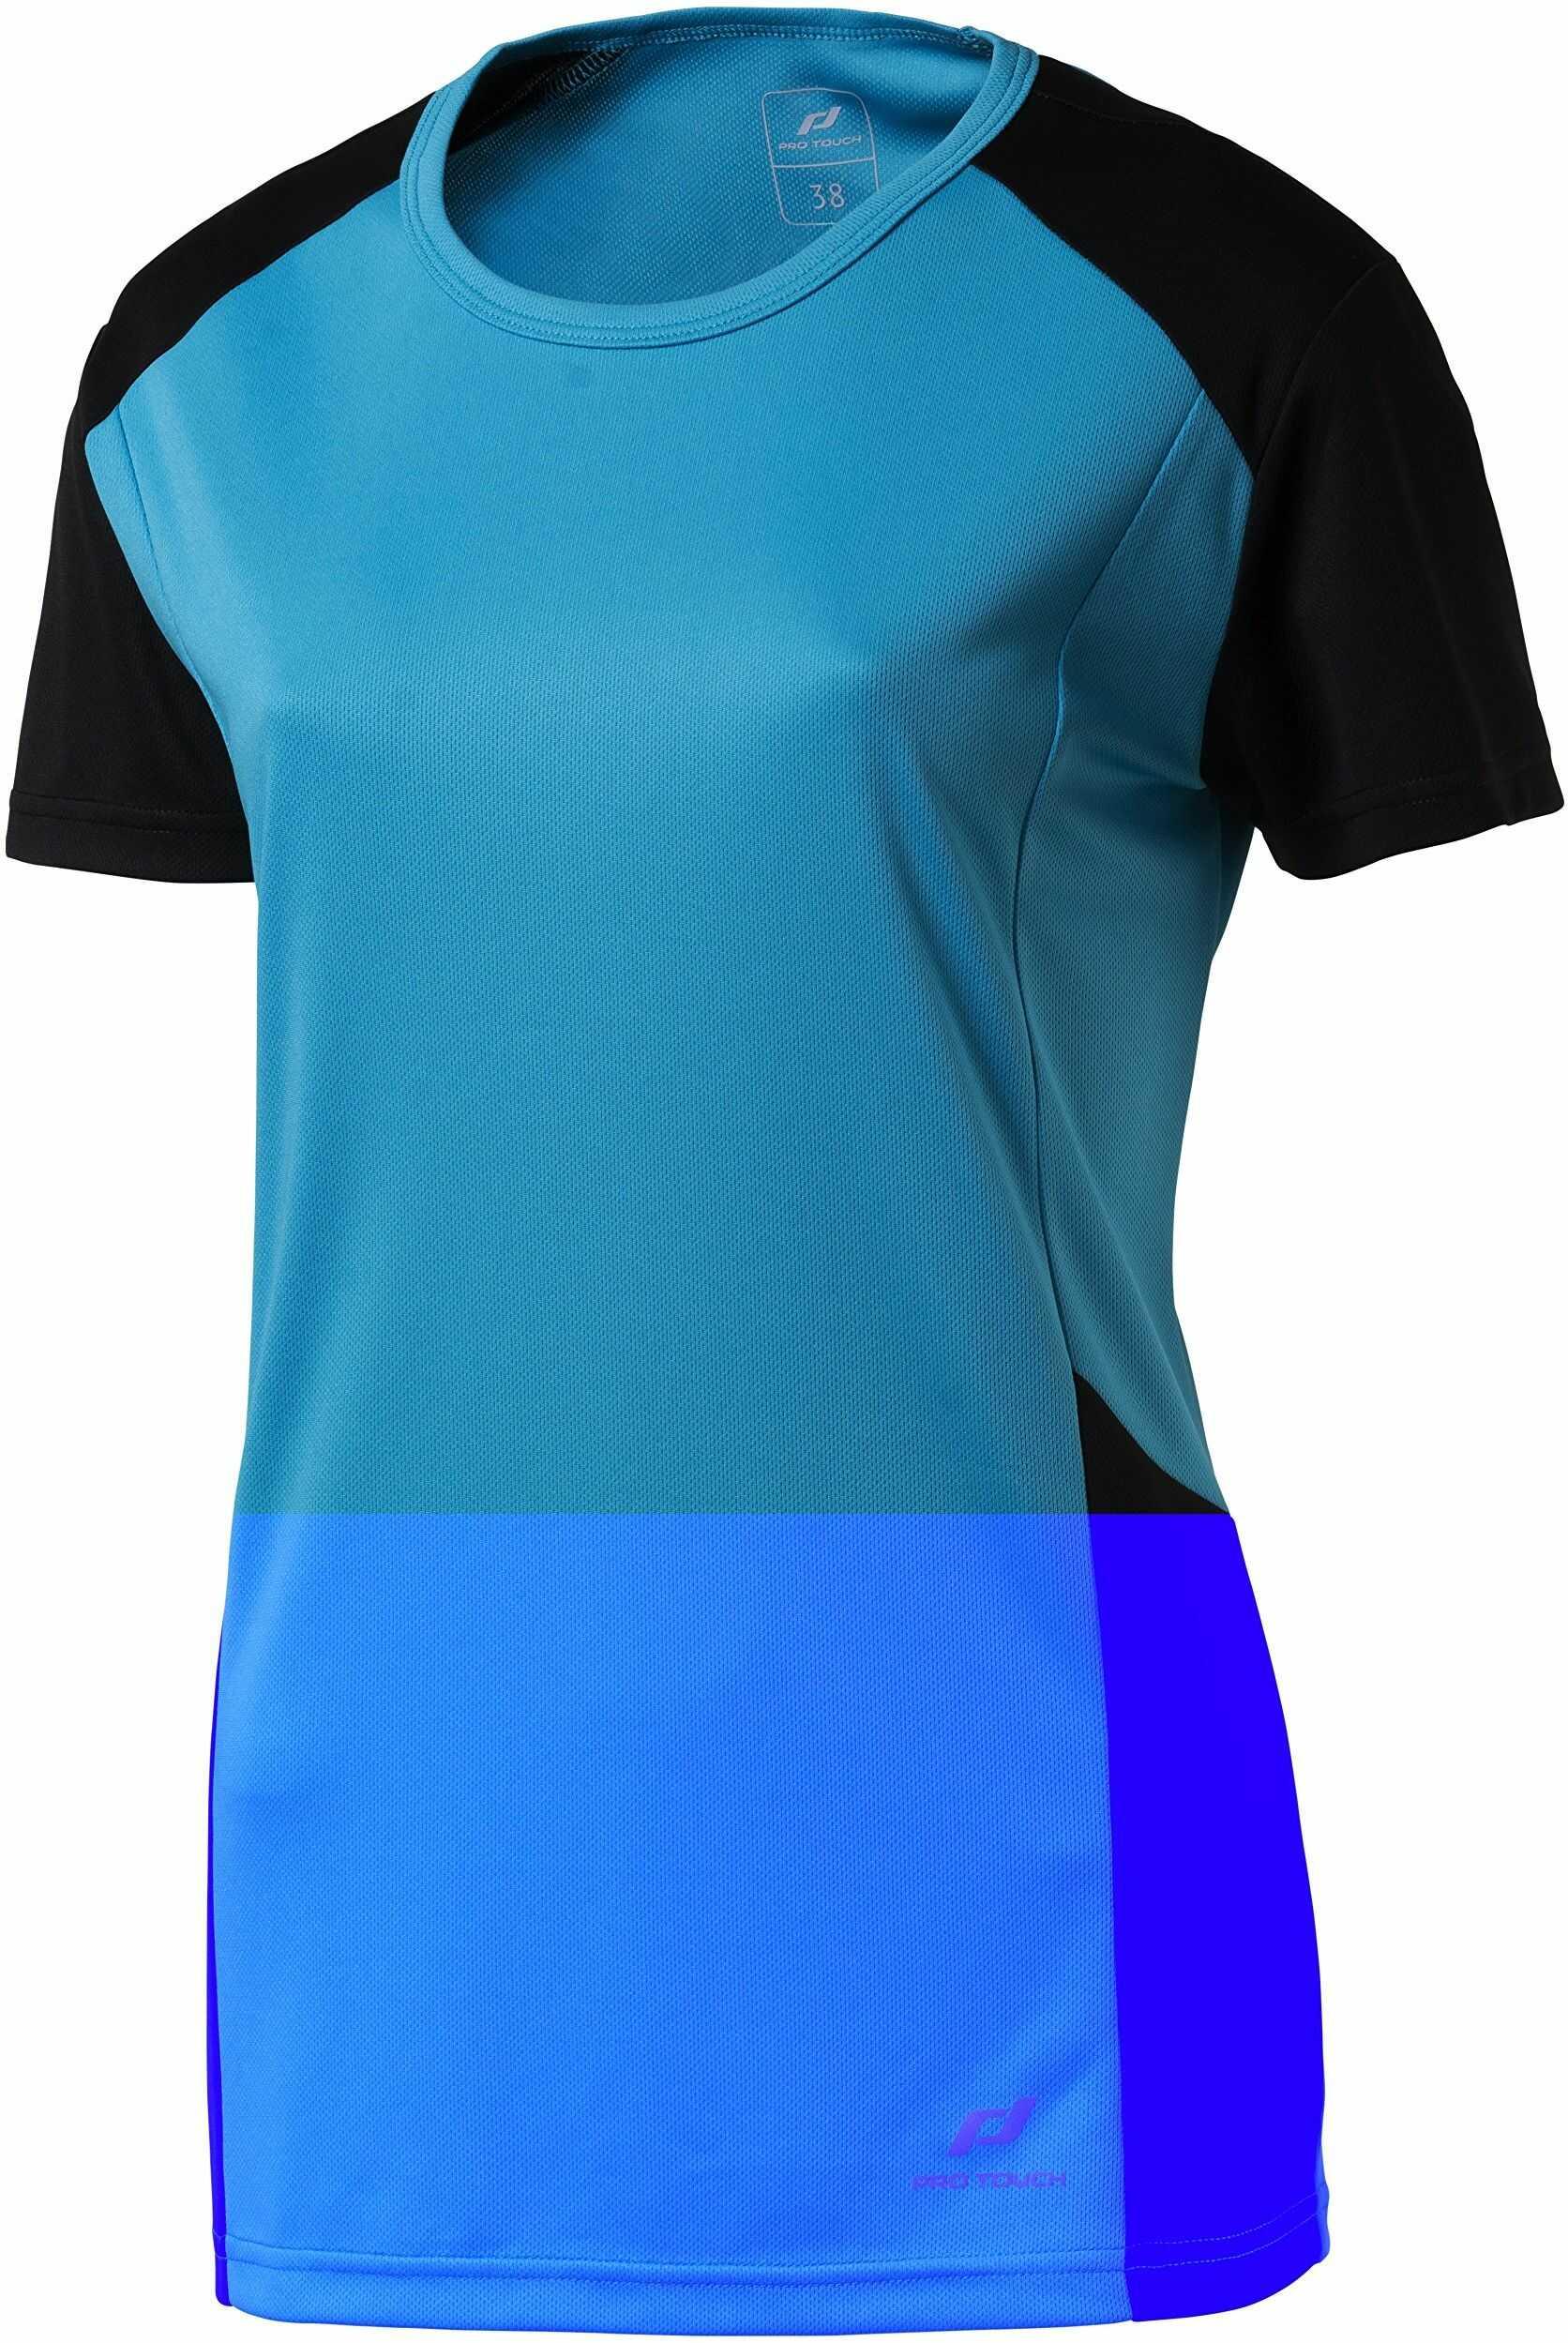 Pro Touch Damska miseczka T-shirt, niebieska, 36